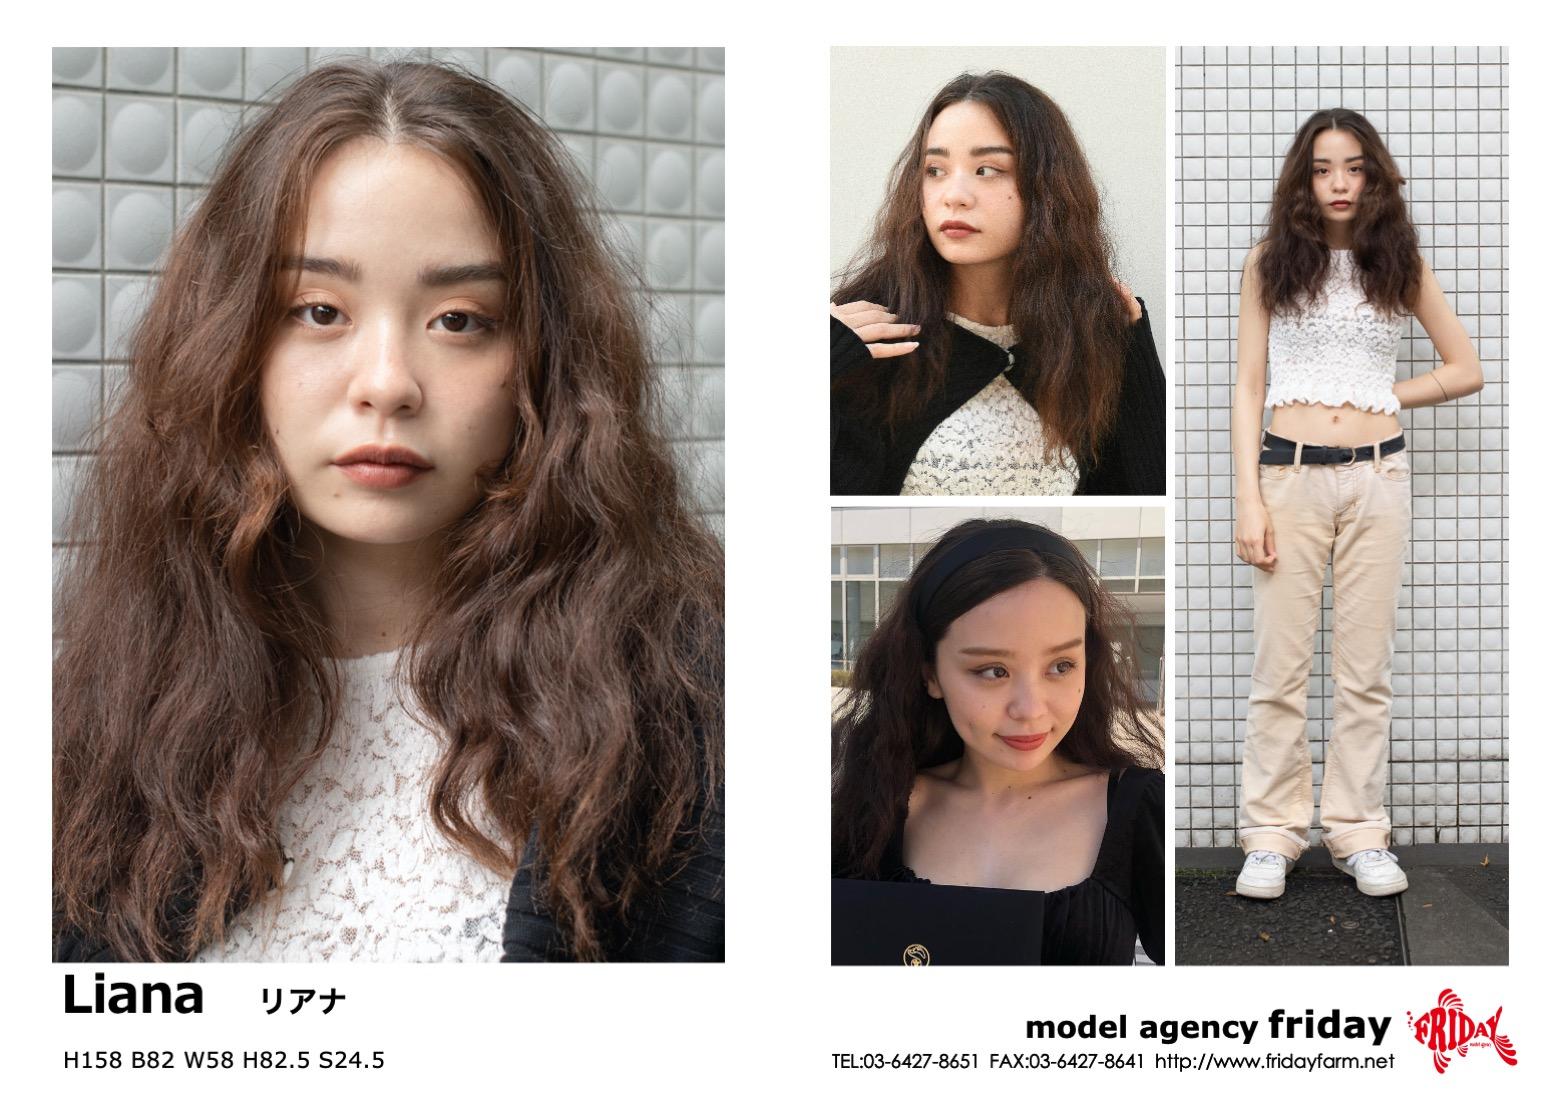 Liana - りあな | model agency friday